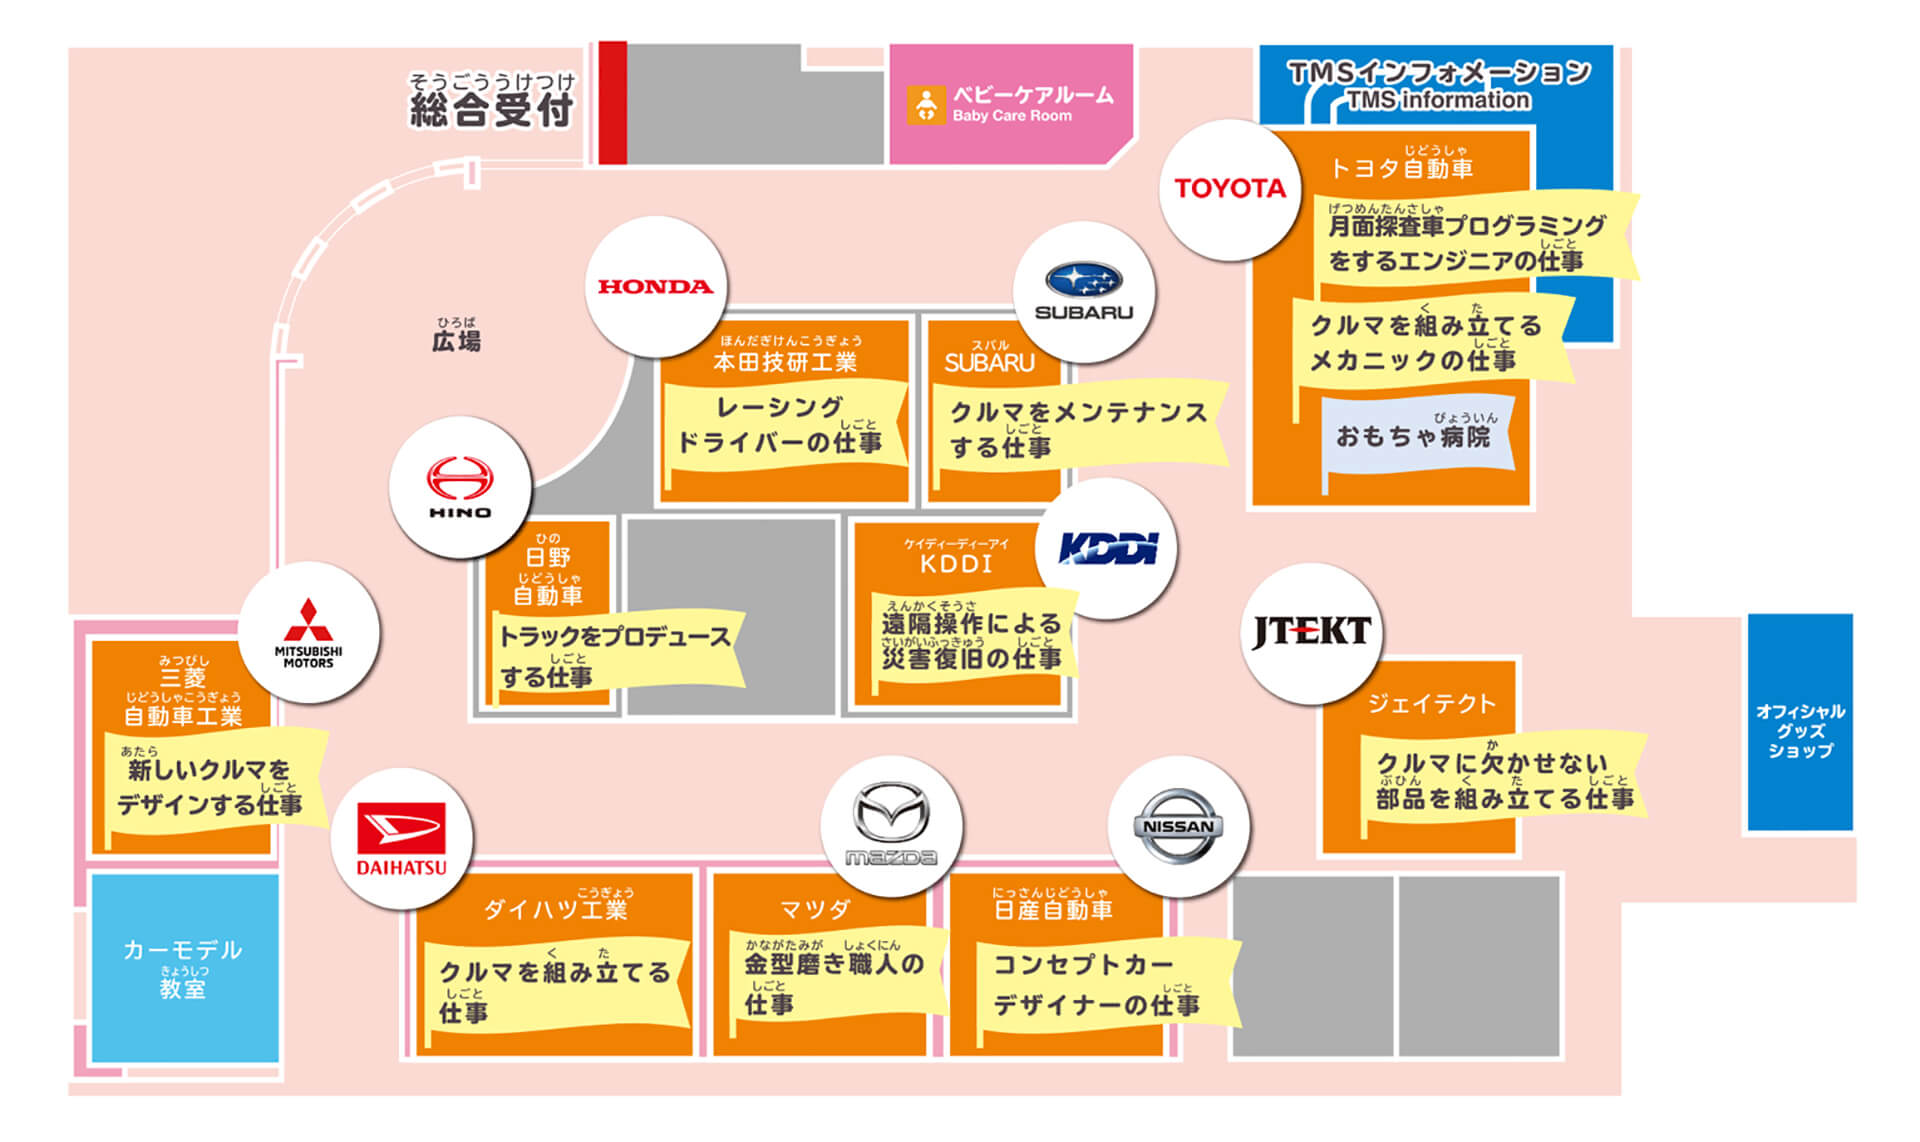 東京モーターショー2019・俯瞰地図・キッザニア